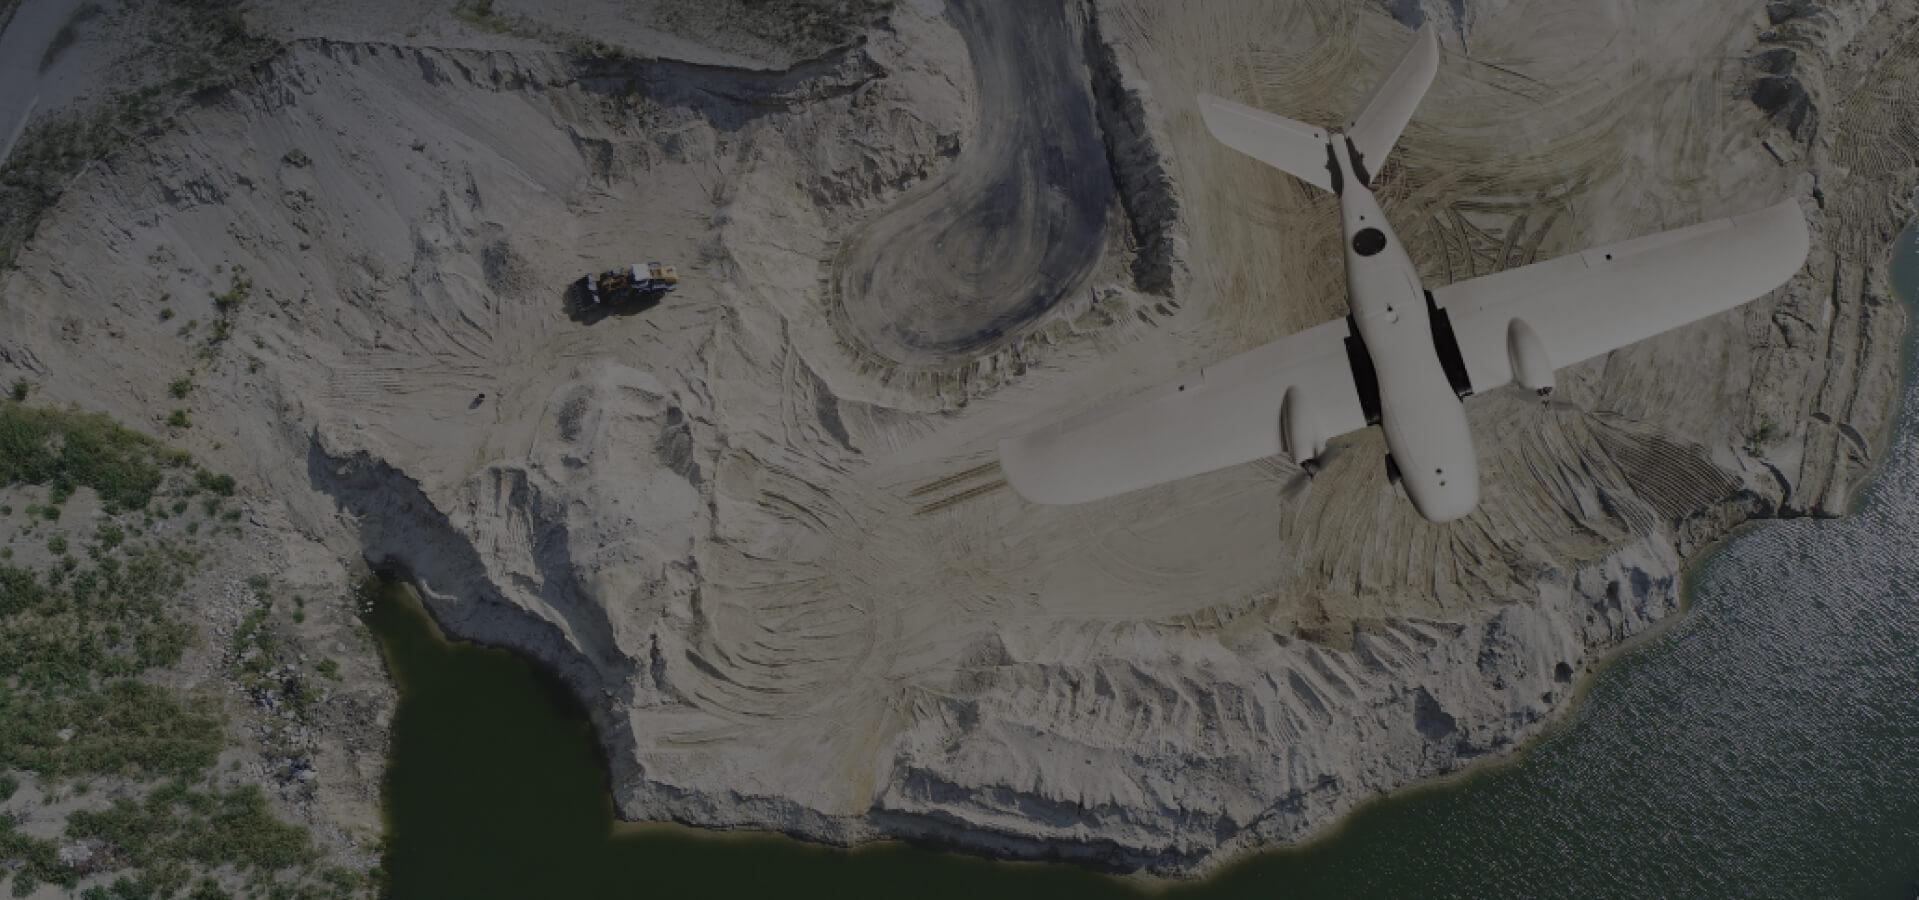 samolot bezzałogowy nad kopalnią odkrywkową